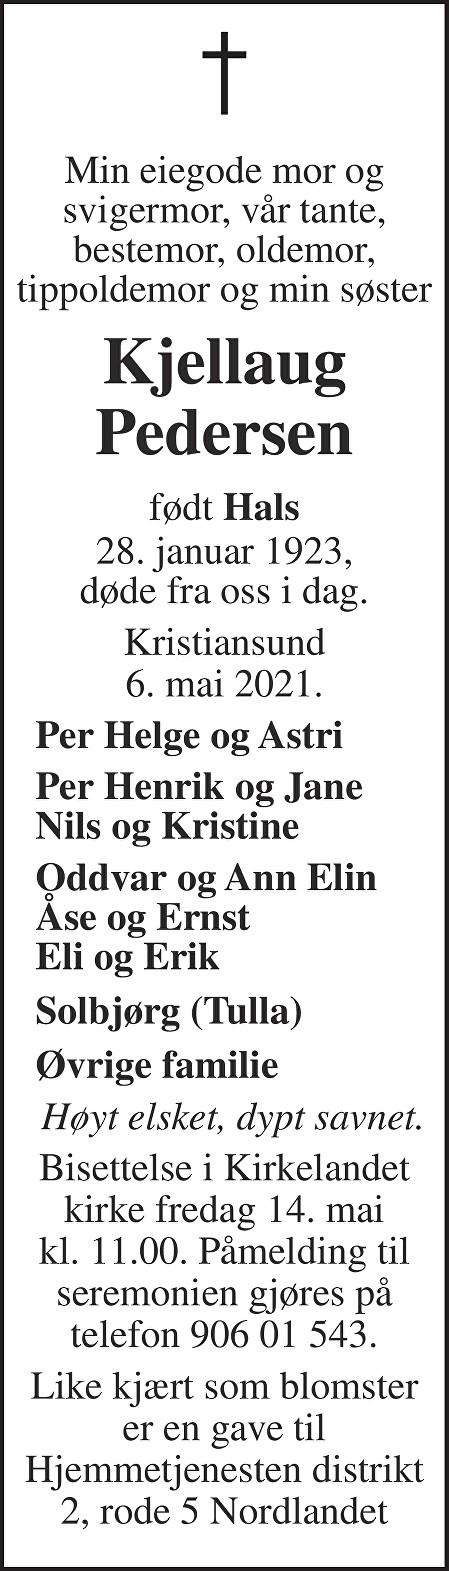 Kjellaug Pedersen Dødsannonse